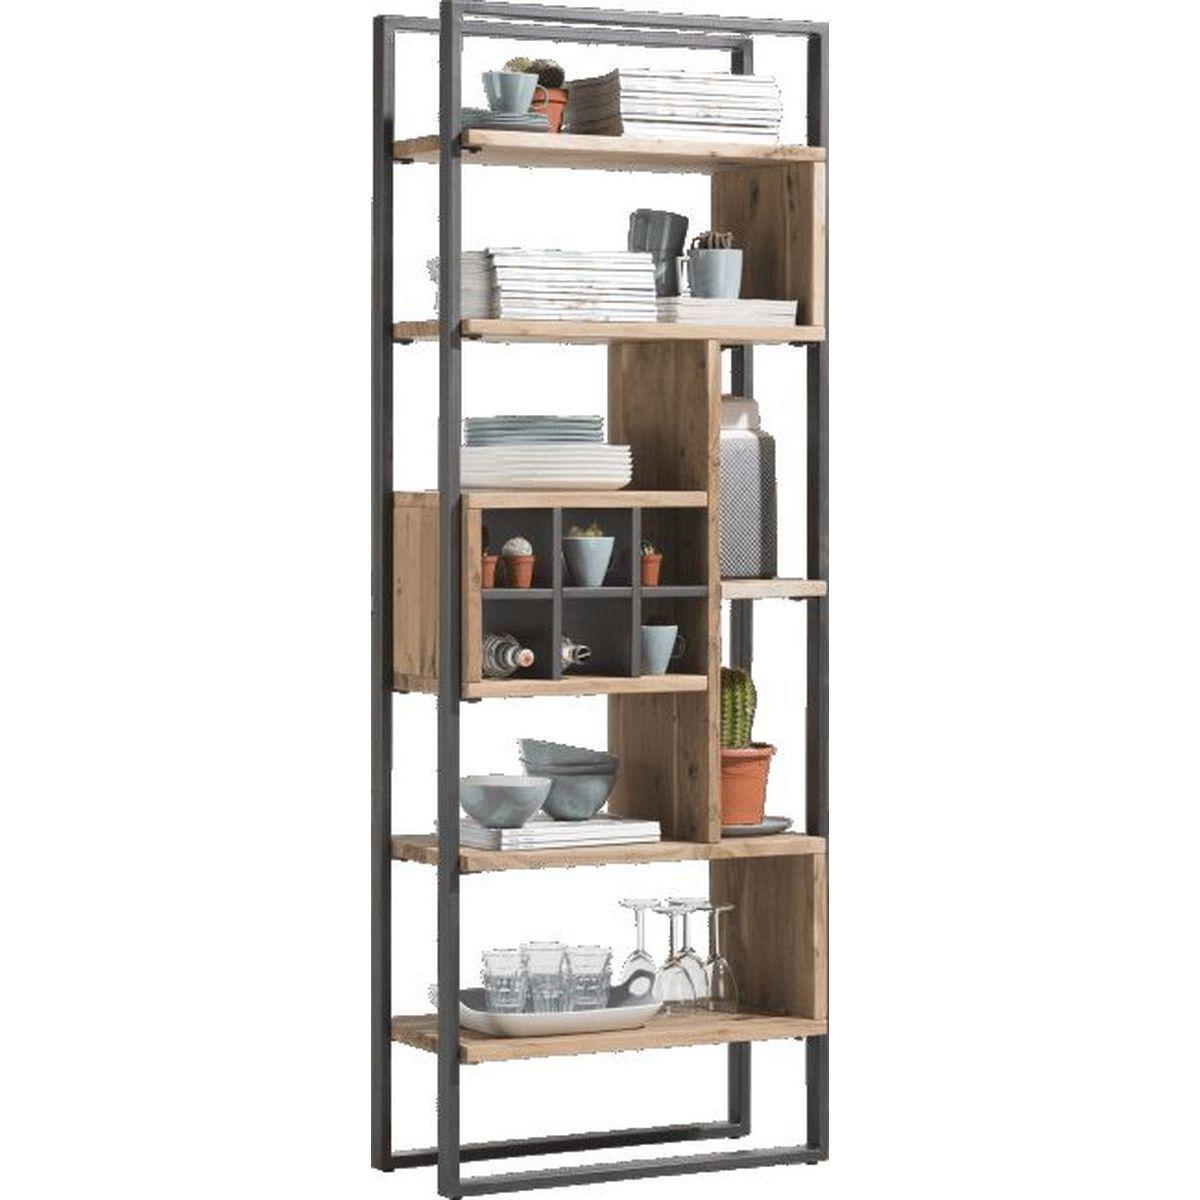 Bibliothèque QUEBEC Henders & Hazel 70cm pieds en métal